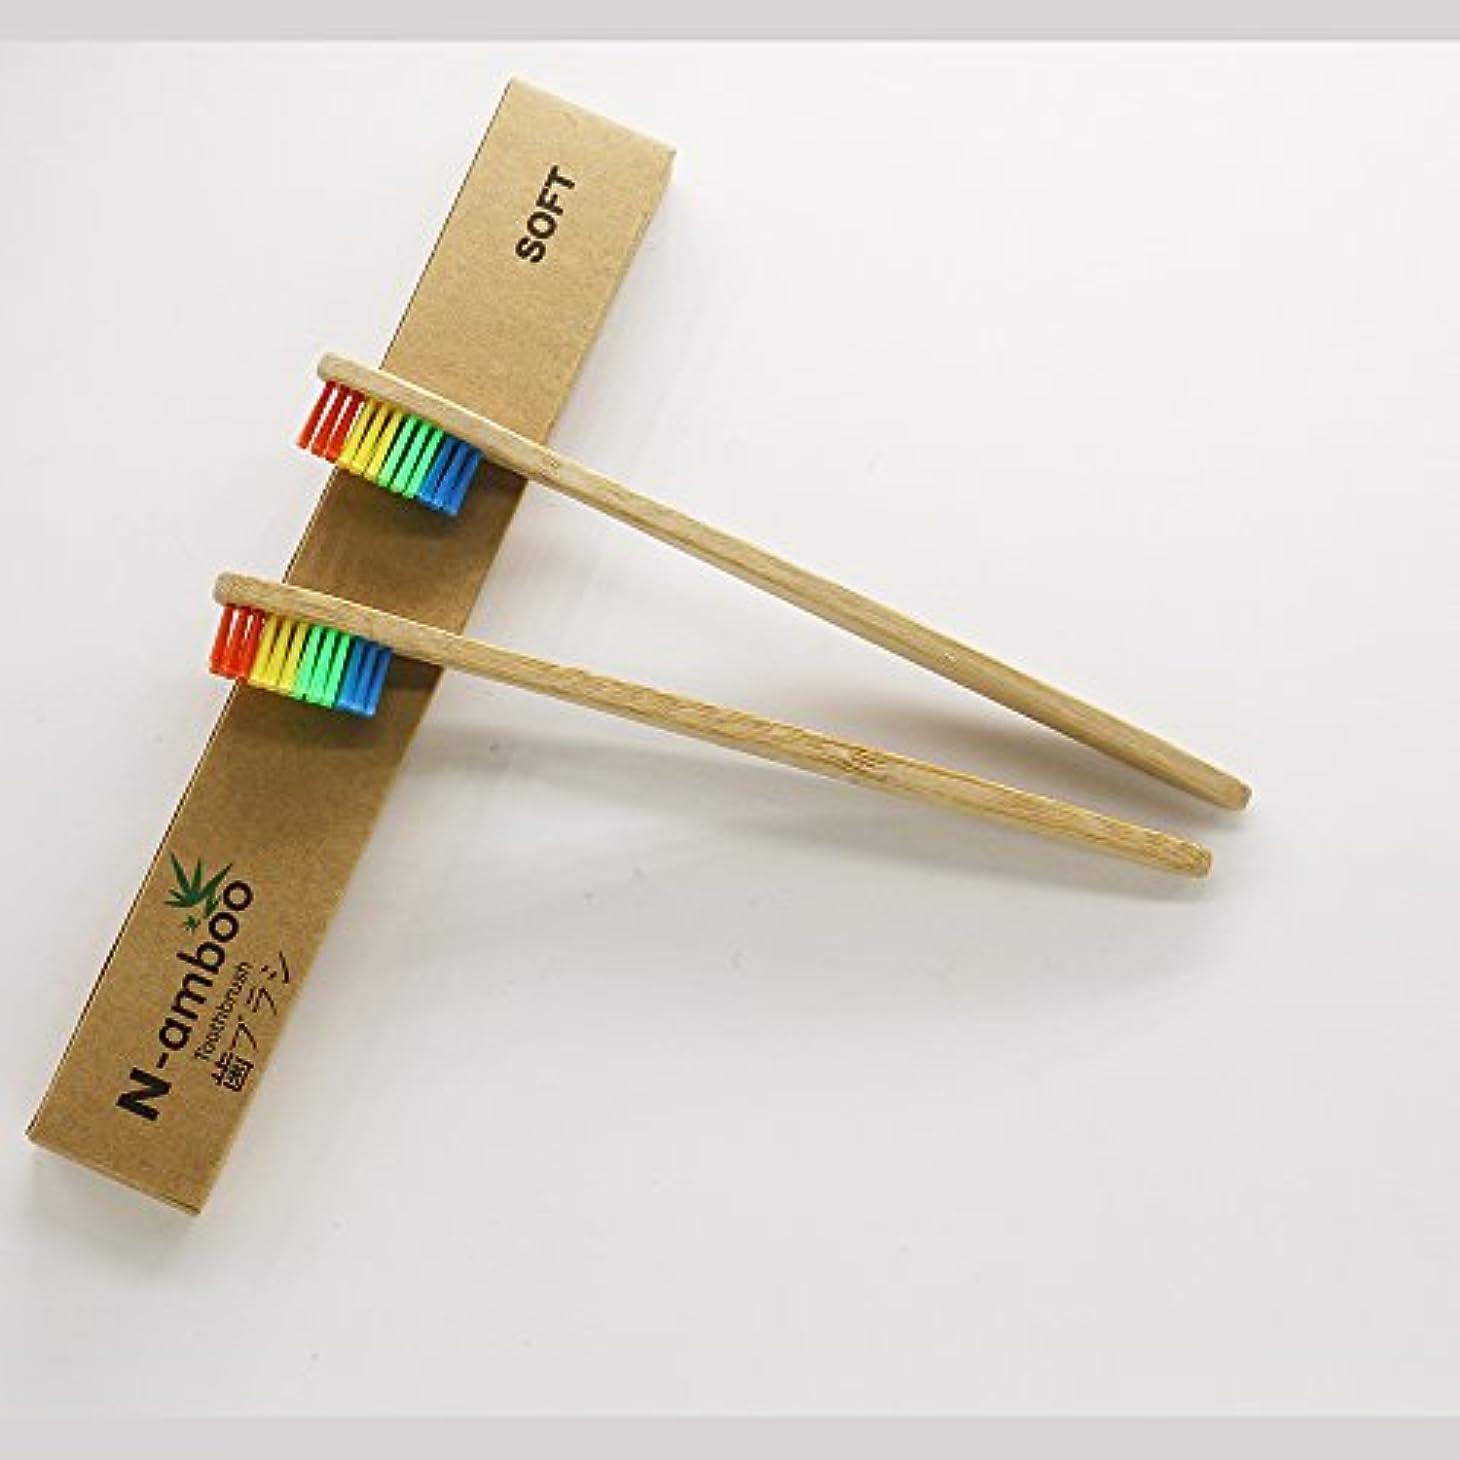 癌松明アリスN-amboo 竹製 耐久度高い 歯ブラシ 四色 虹(にじ) 2本入り セット